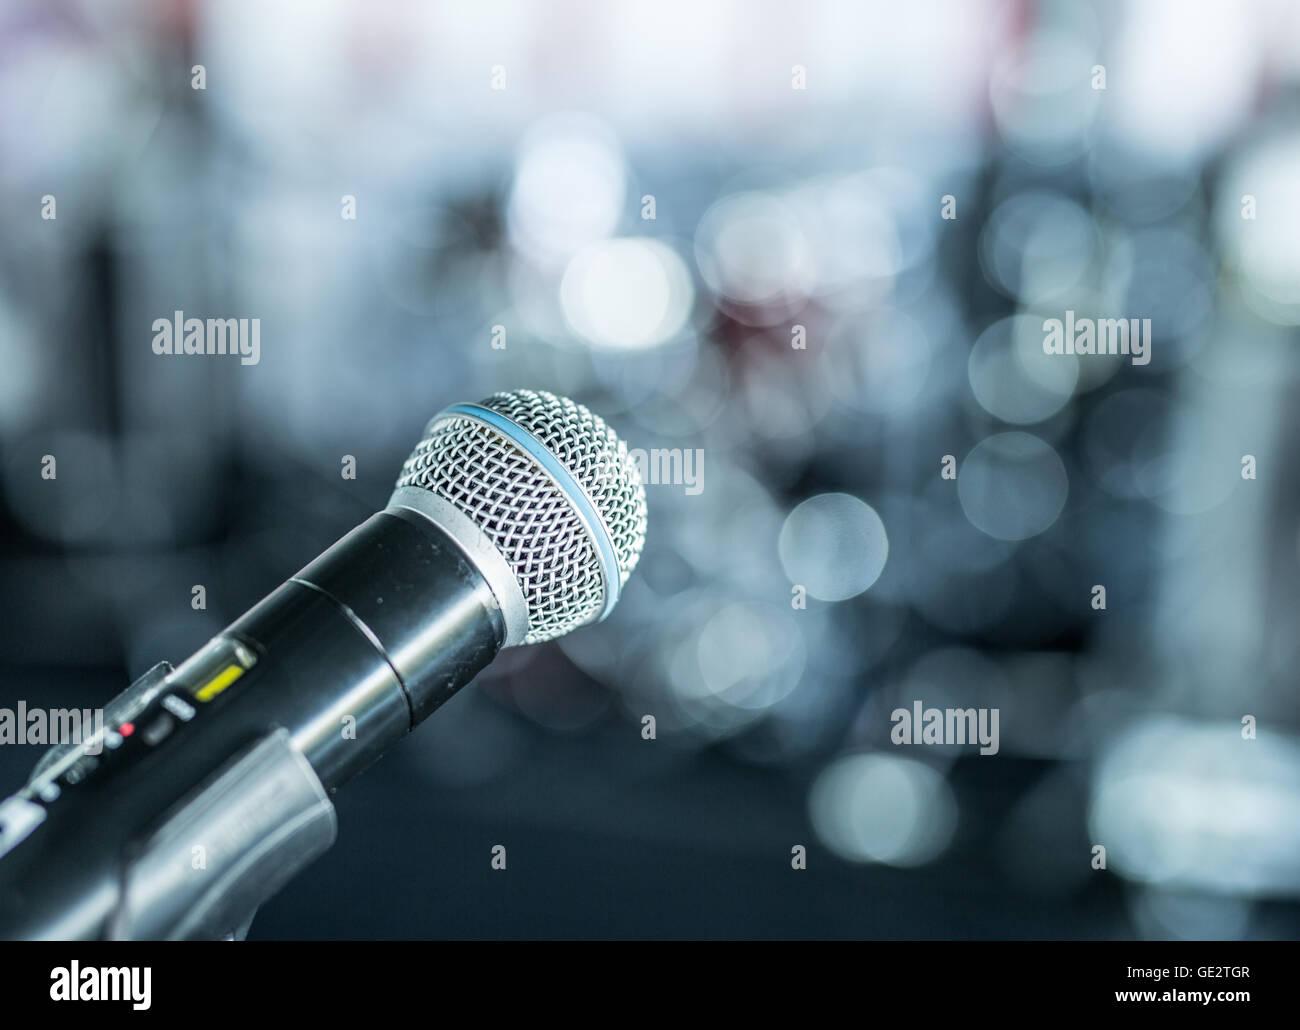 Libre coup de microphone. Lumières floues sur l'arrière-plan. Photo Stock